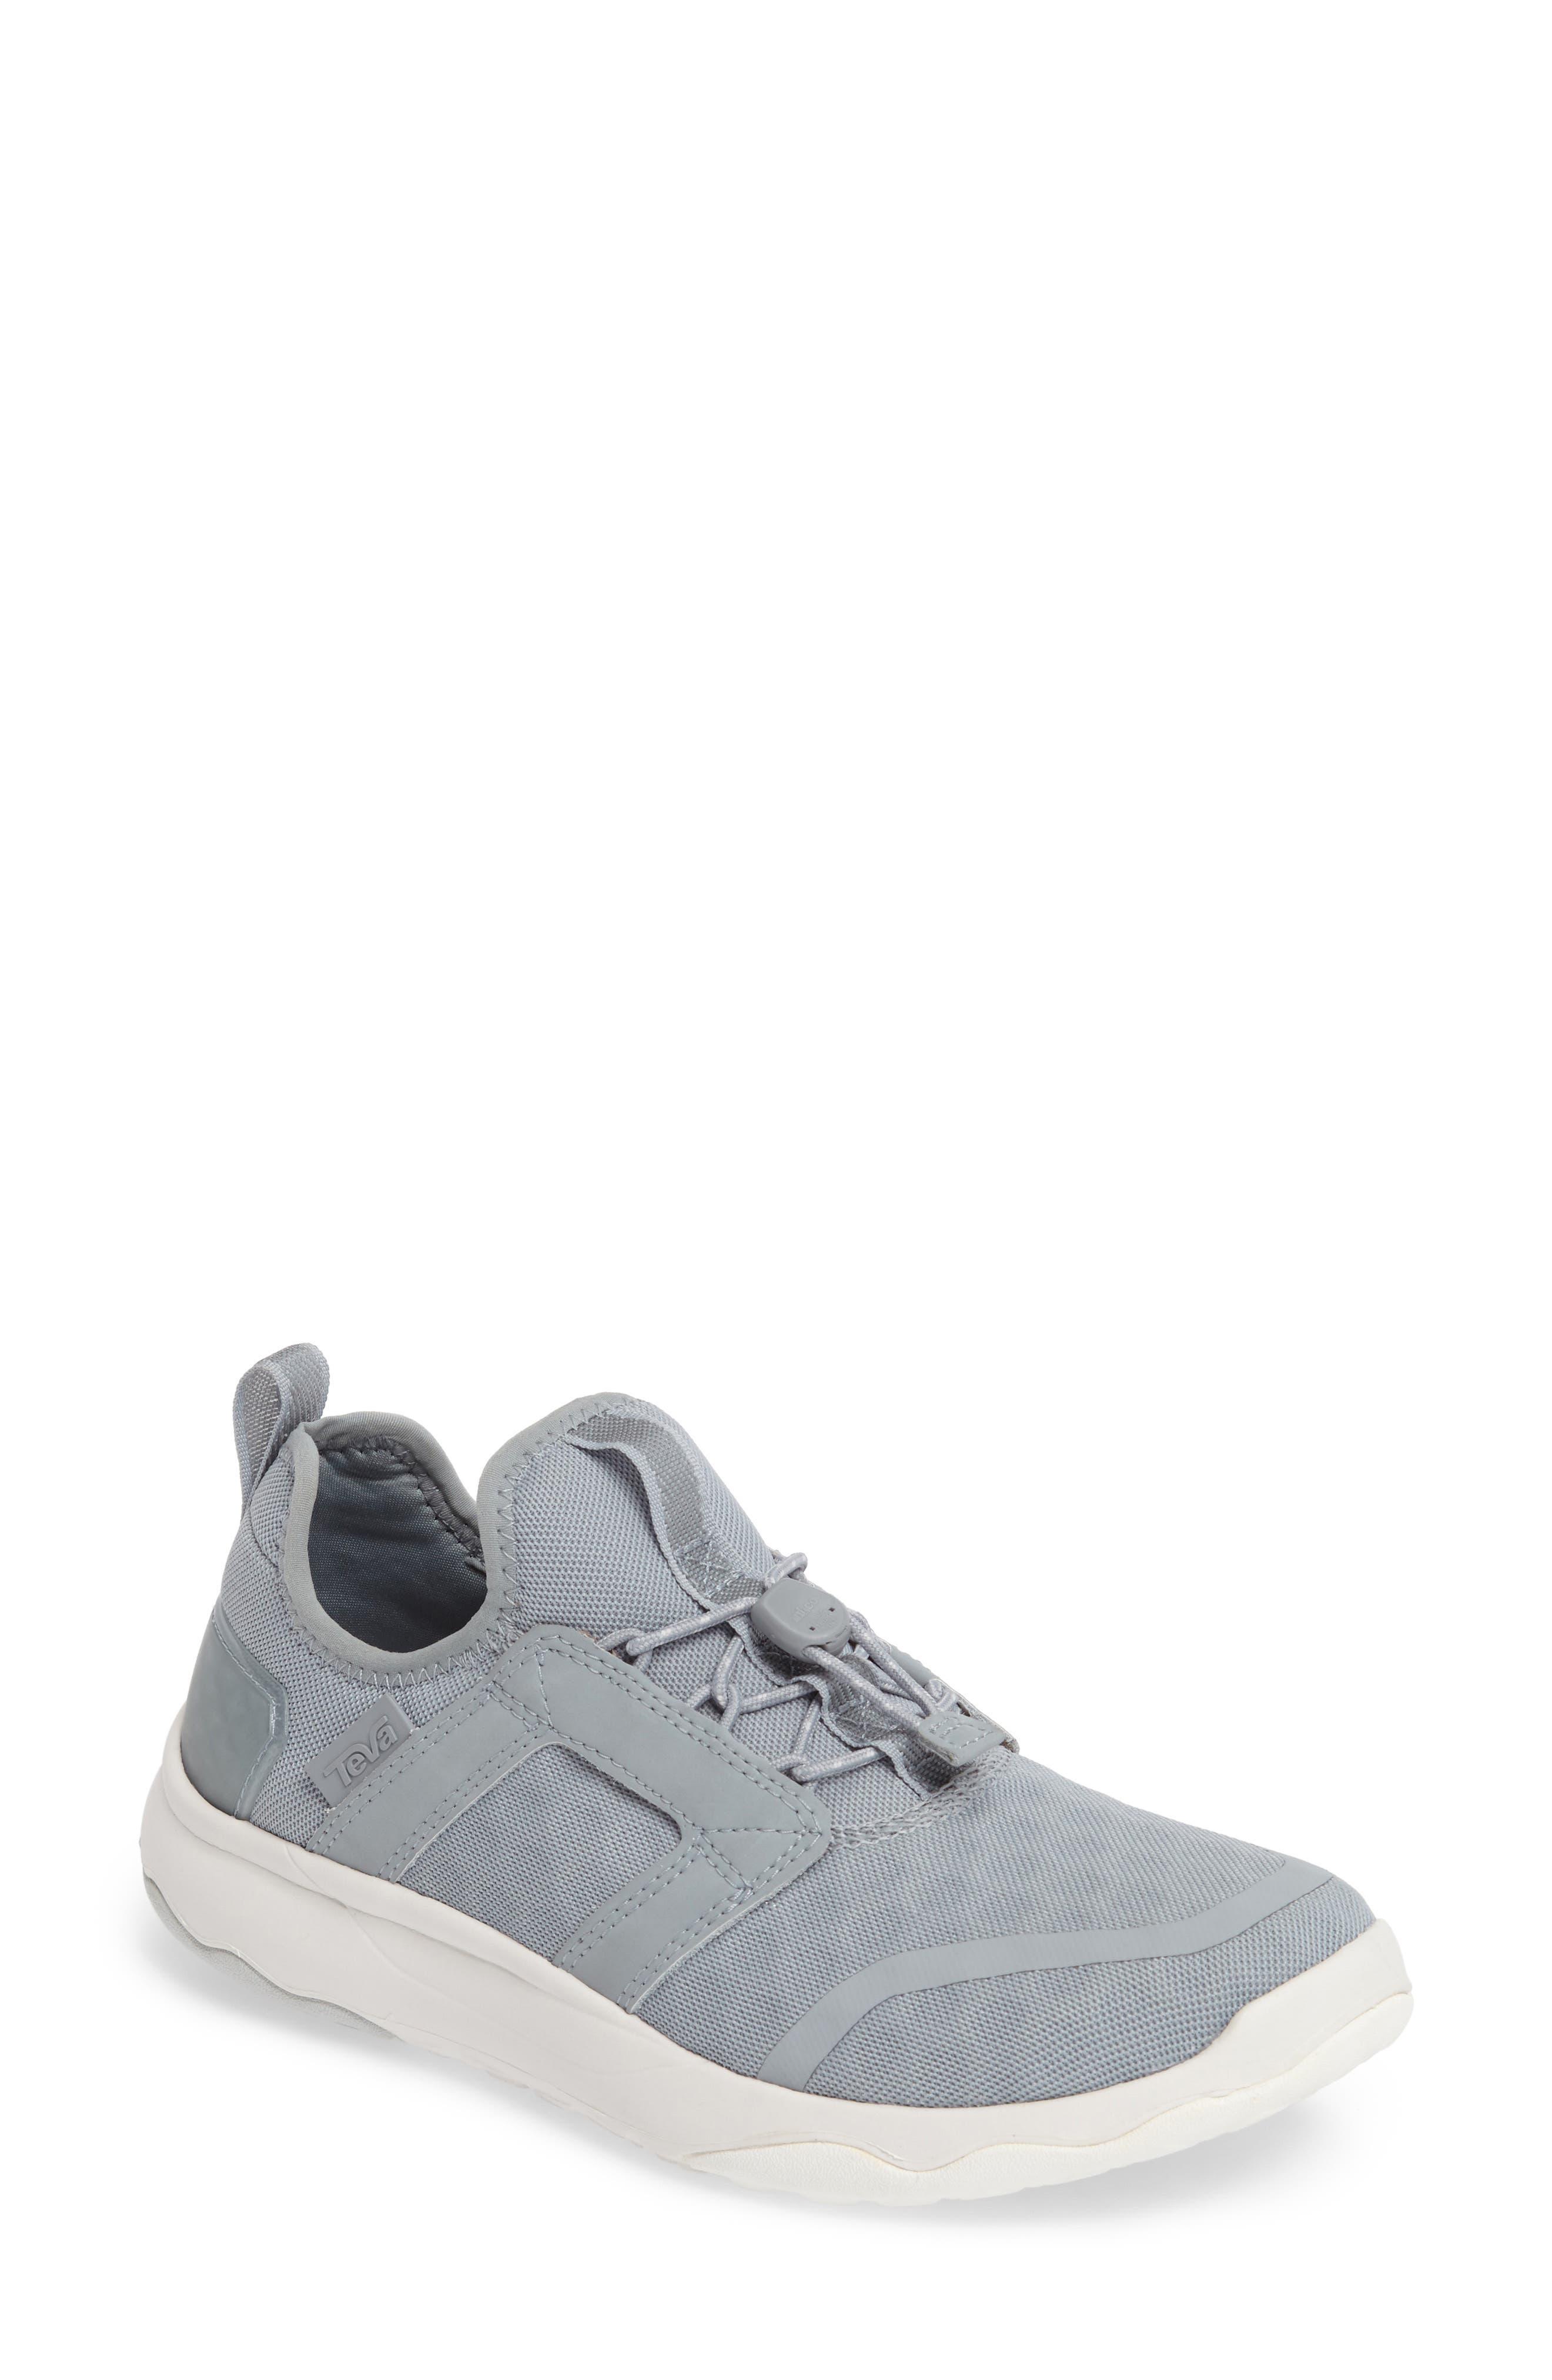 TEVA Arrowood Swift Sneaker